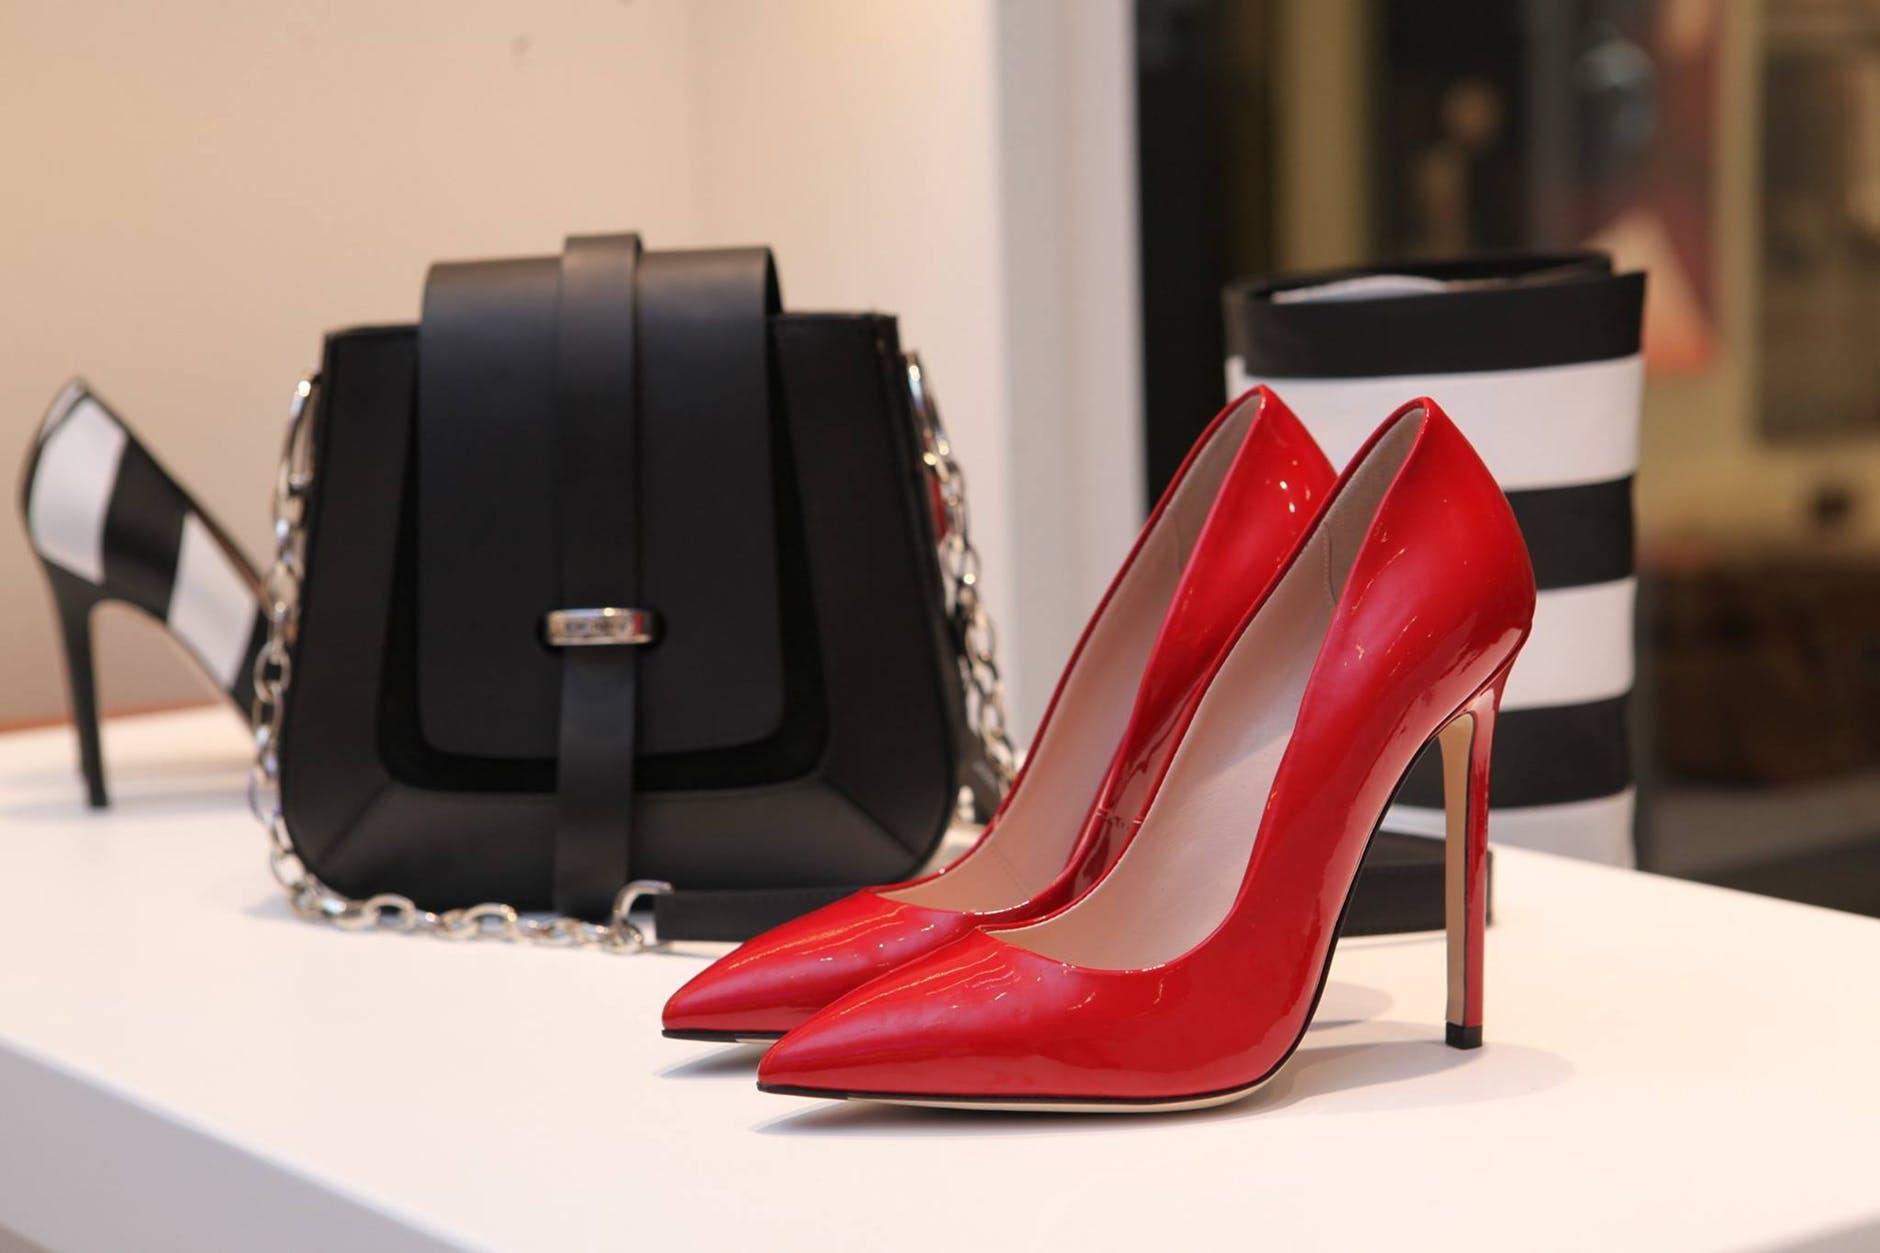 #PrendasconHistoria El Bolso como complemento del look diario